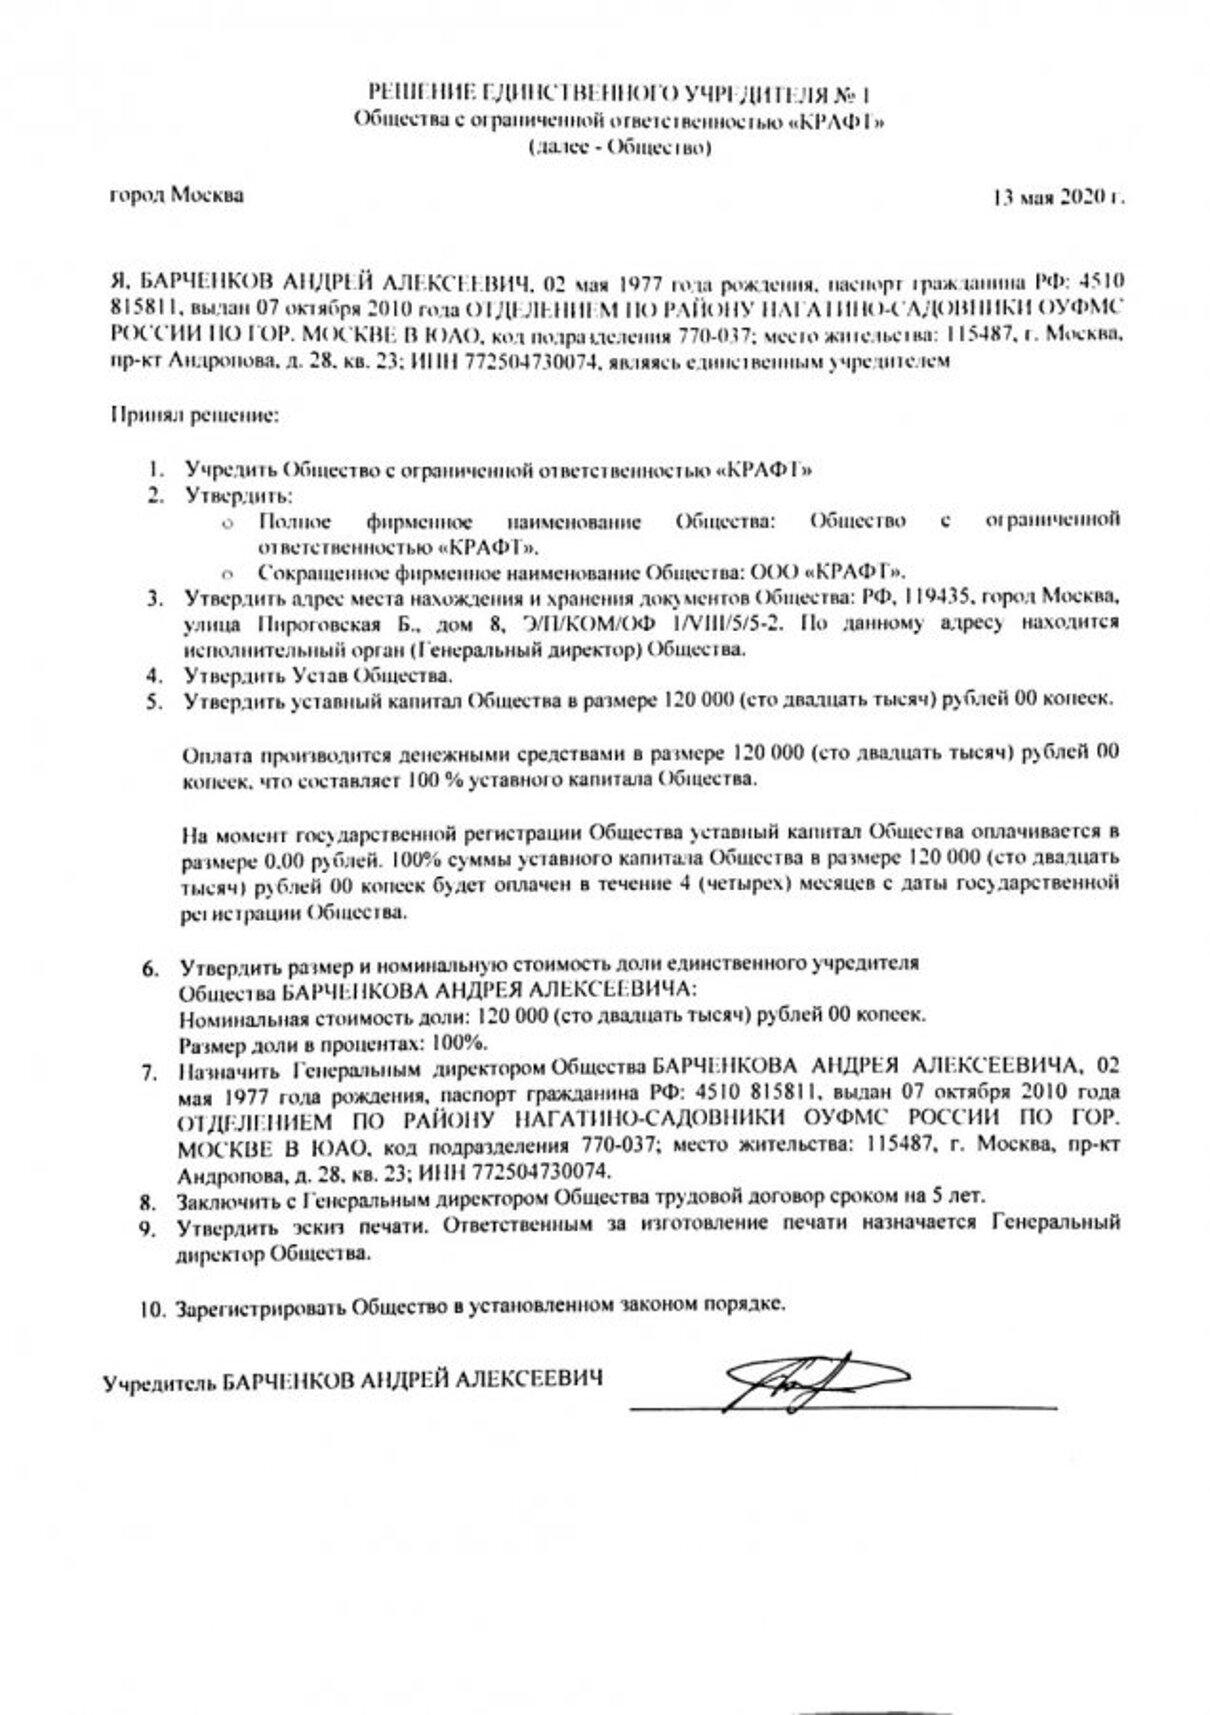 Жалоба-отзыв: Барченков Андрей Алексеевич - Обман и мошенничество.  Фото №5